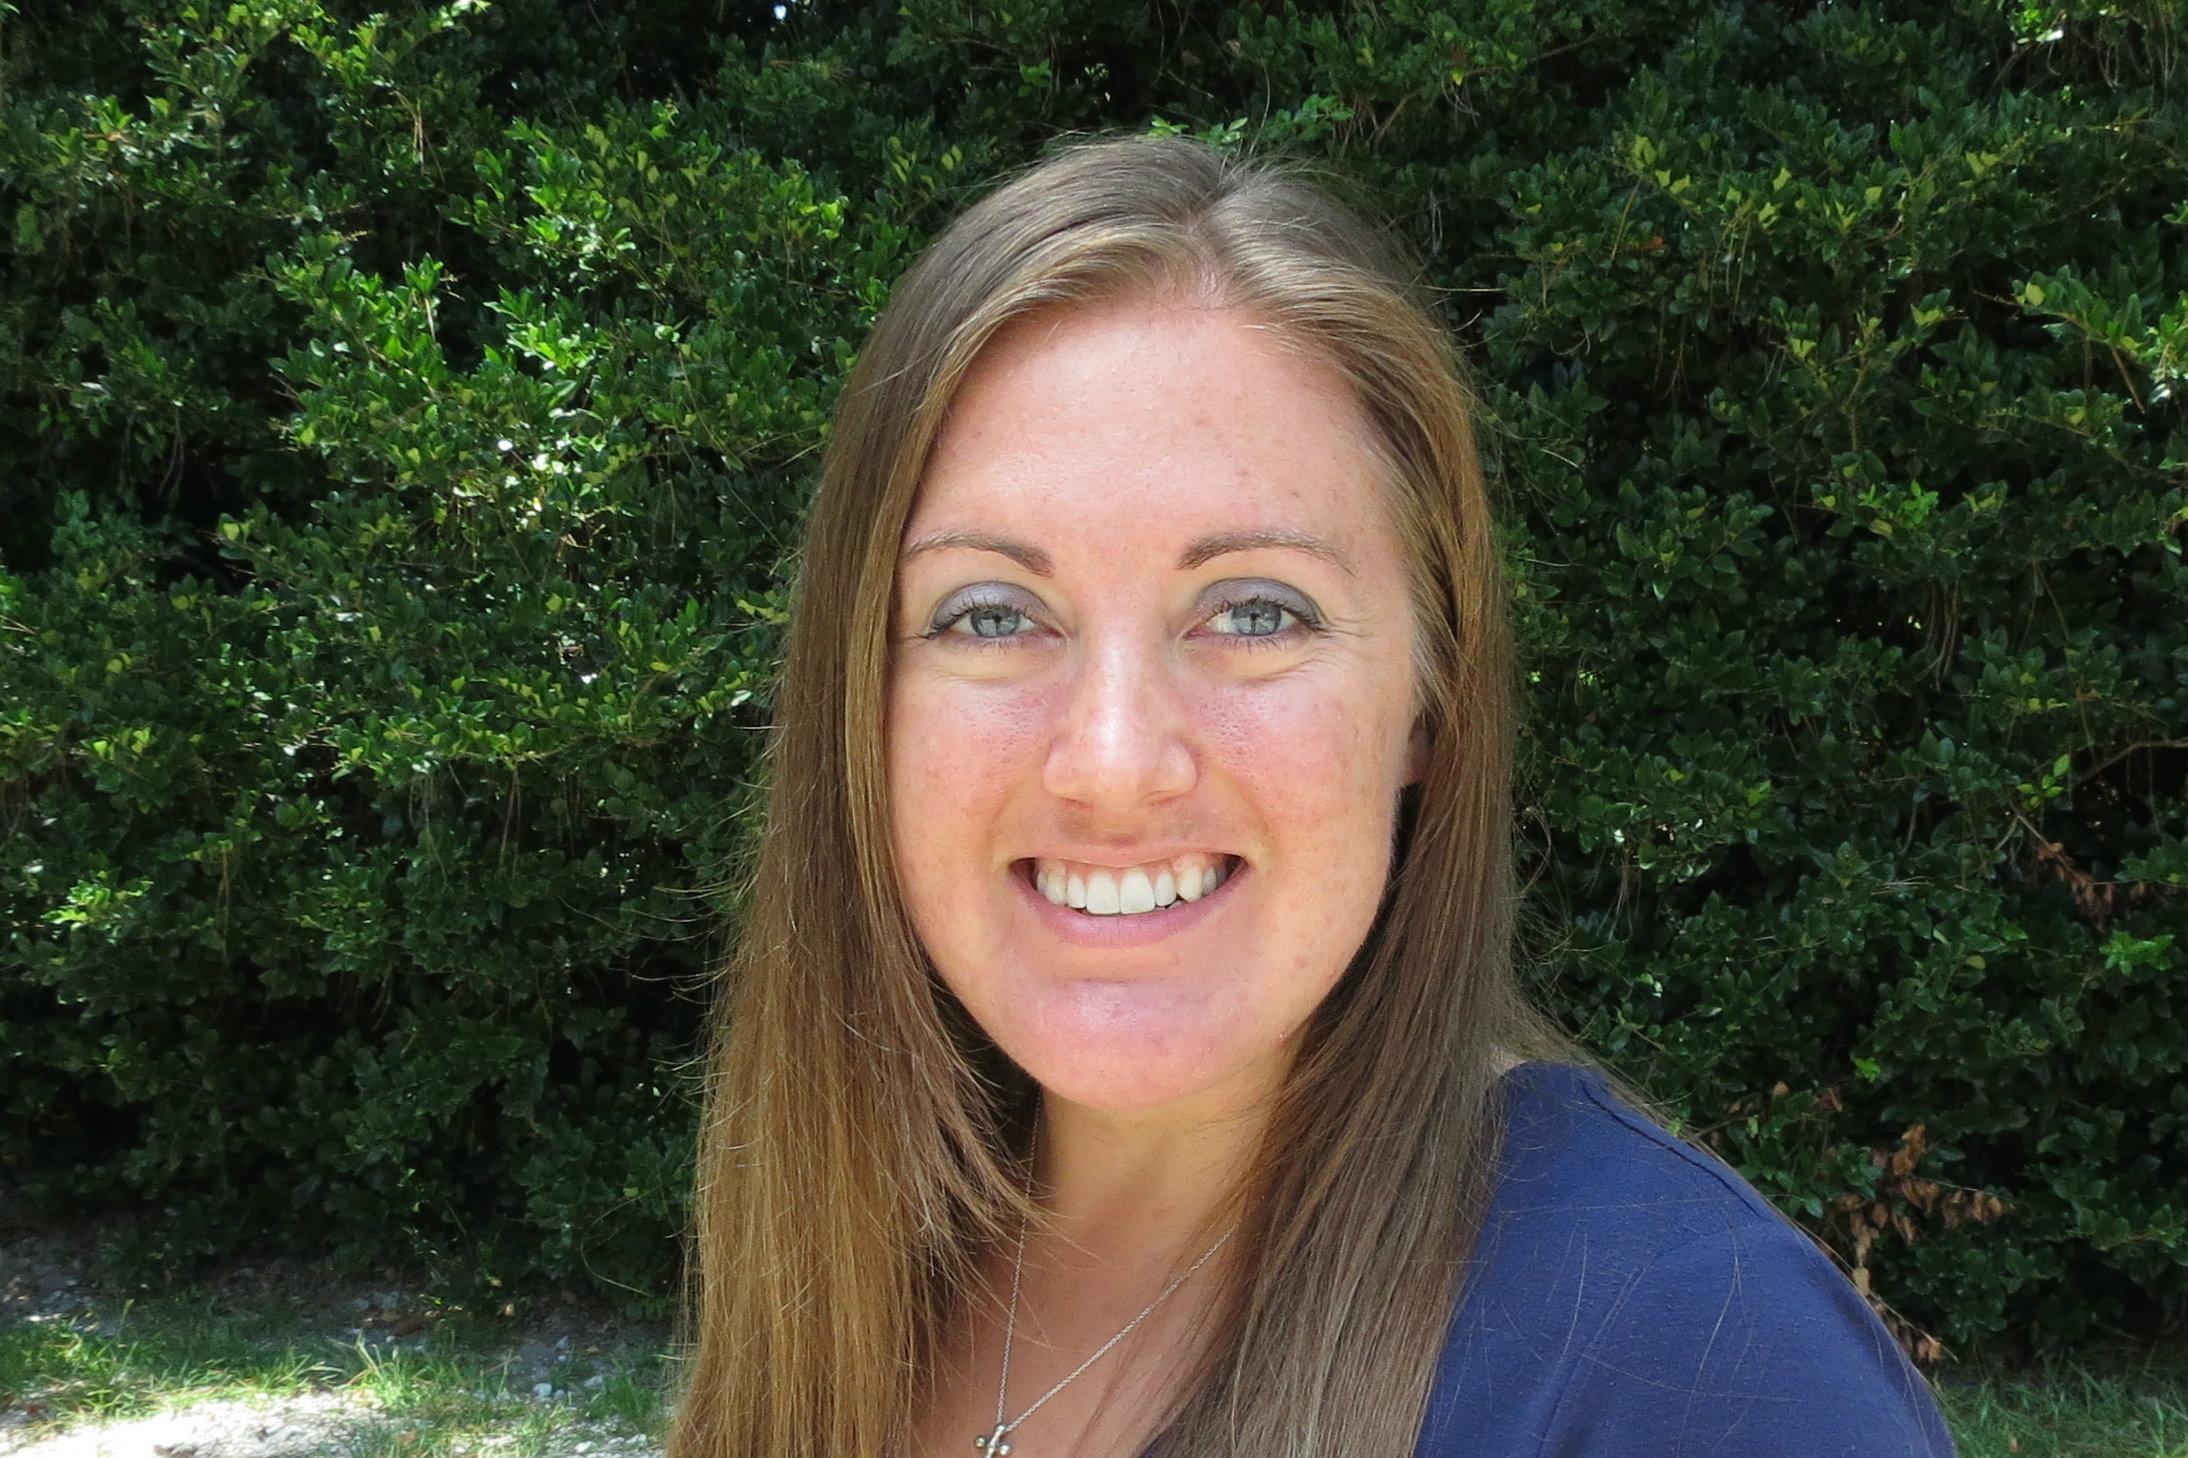 Kat Wilcox